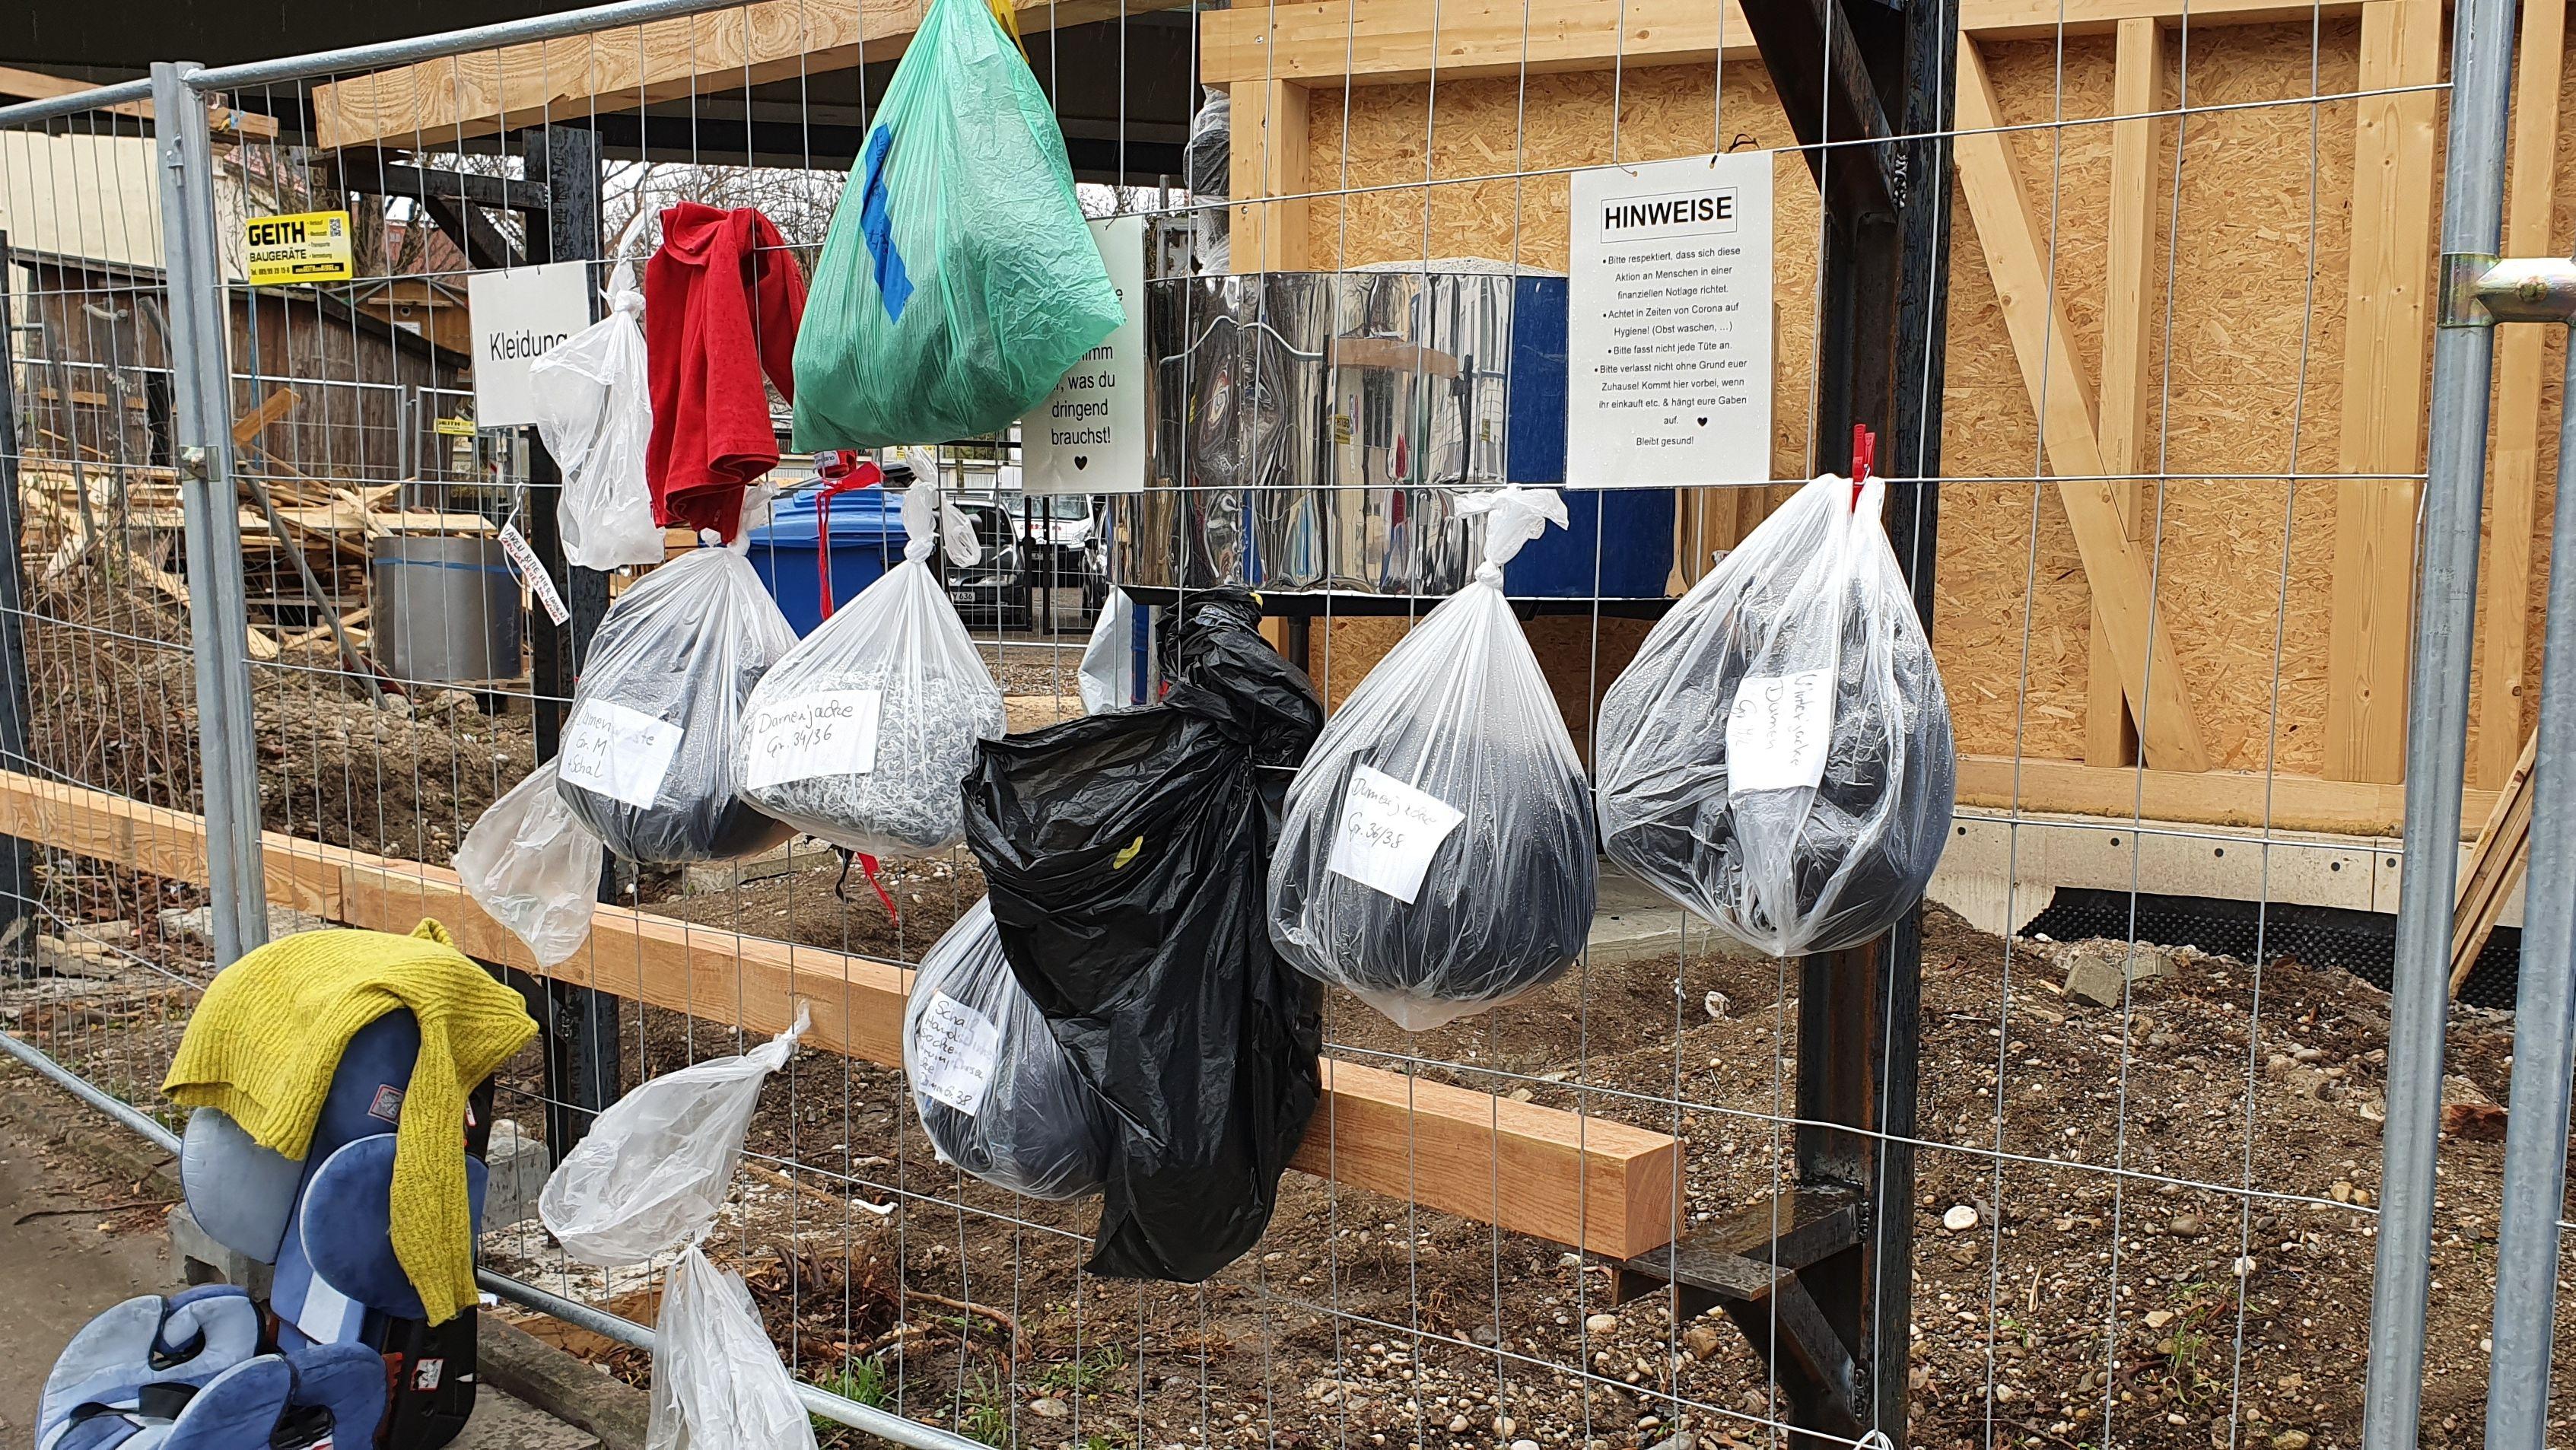 An einem Bauzaun hängen durchsichtige Plastiksäckchen mit Spenden.